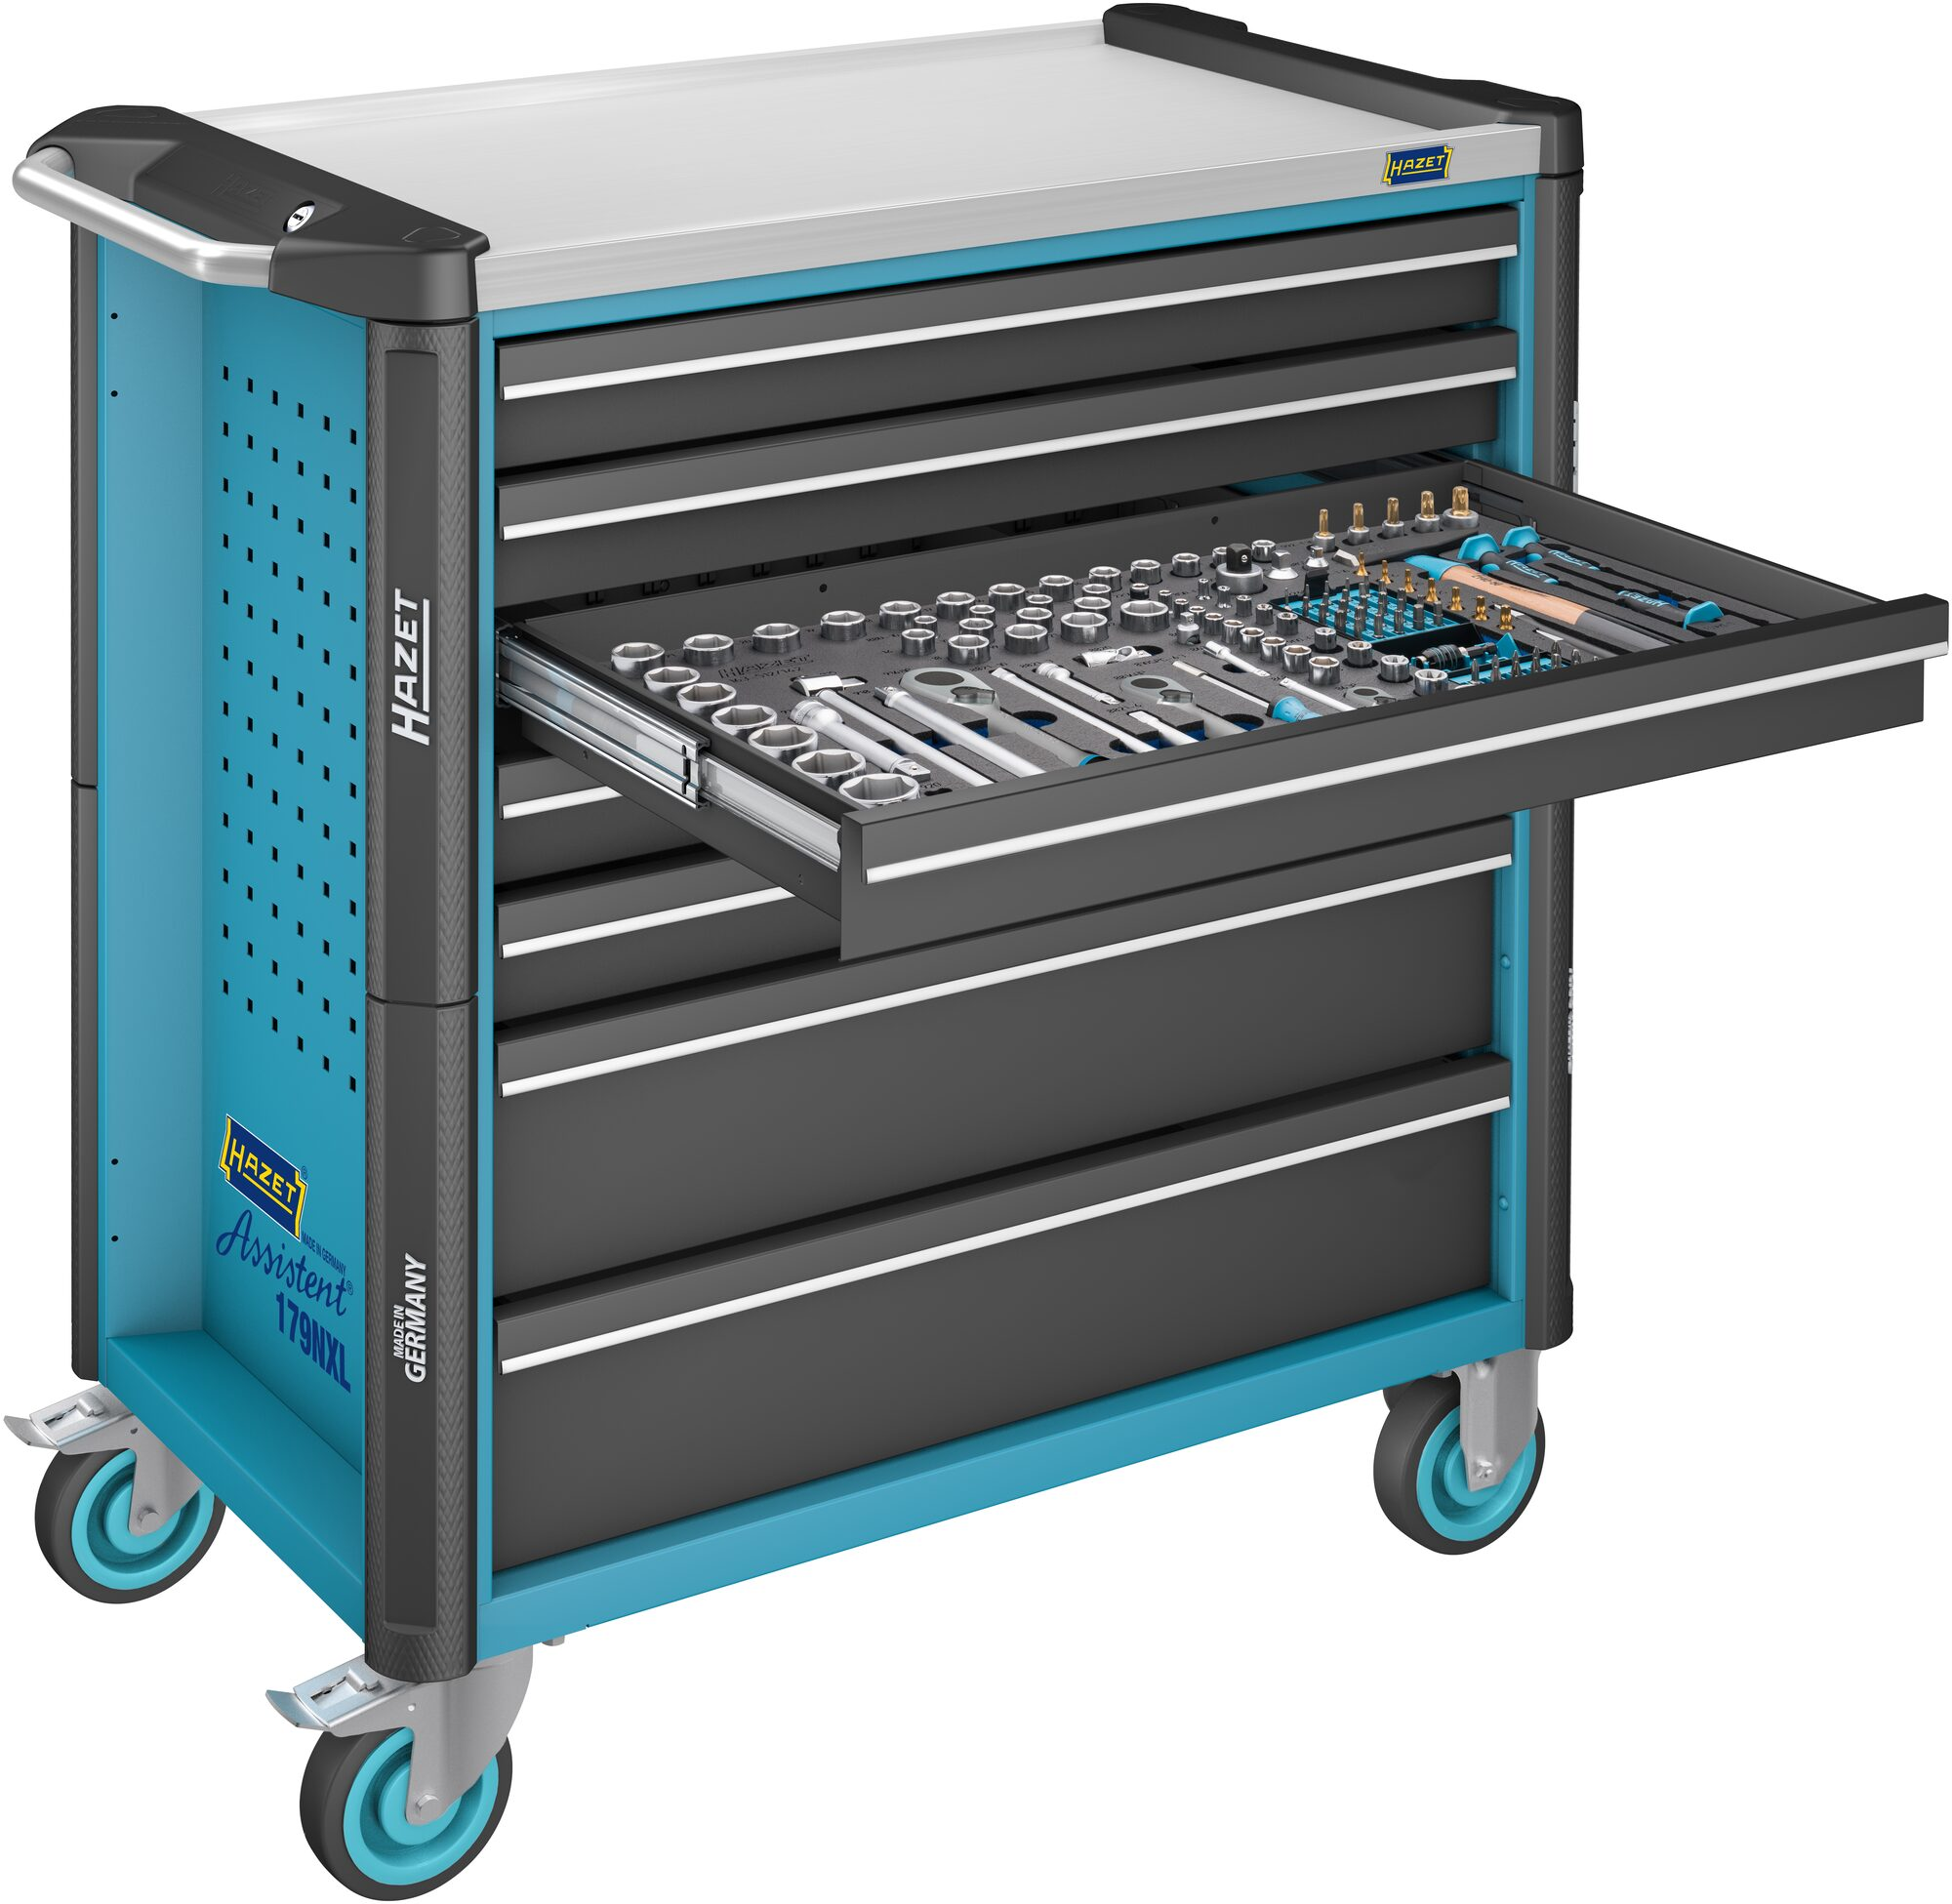 HAZET Werkstattwagen Assistent 179NXL-7/265 ∙ Schubladen, flach: 5x 81x696x398 mm ∙ Anzahl Werkzeuge: 265